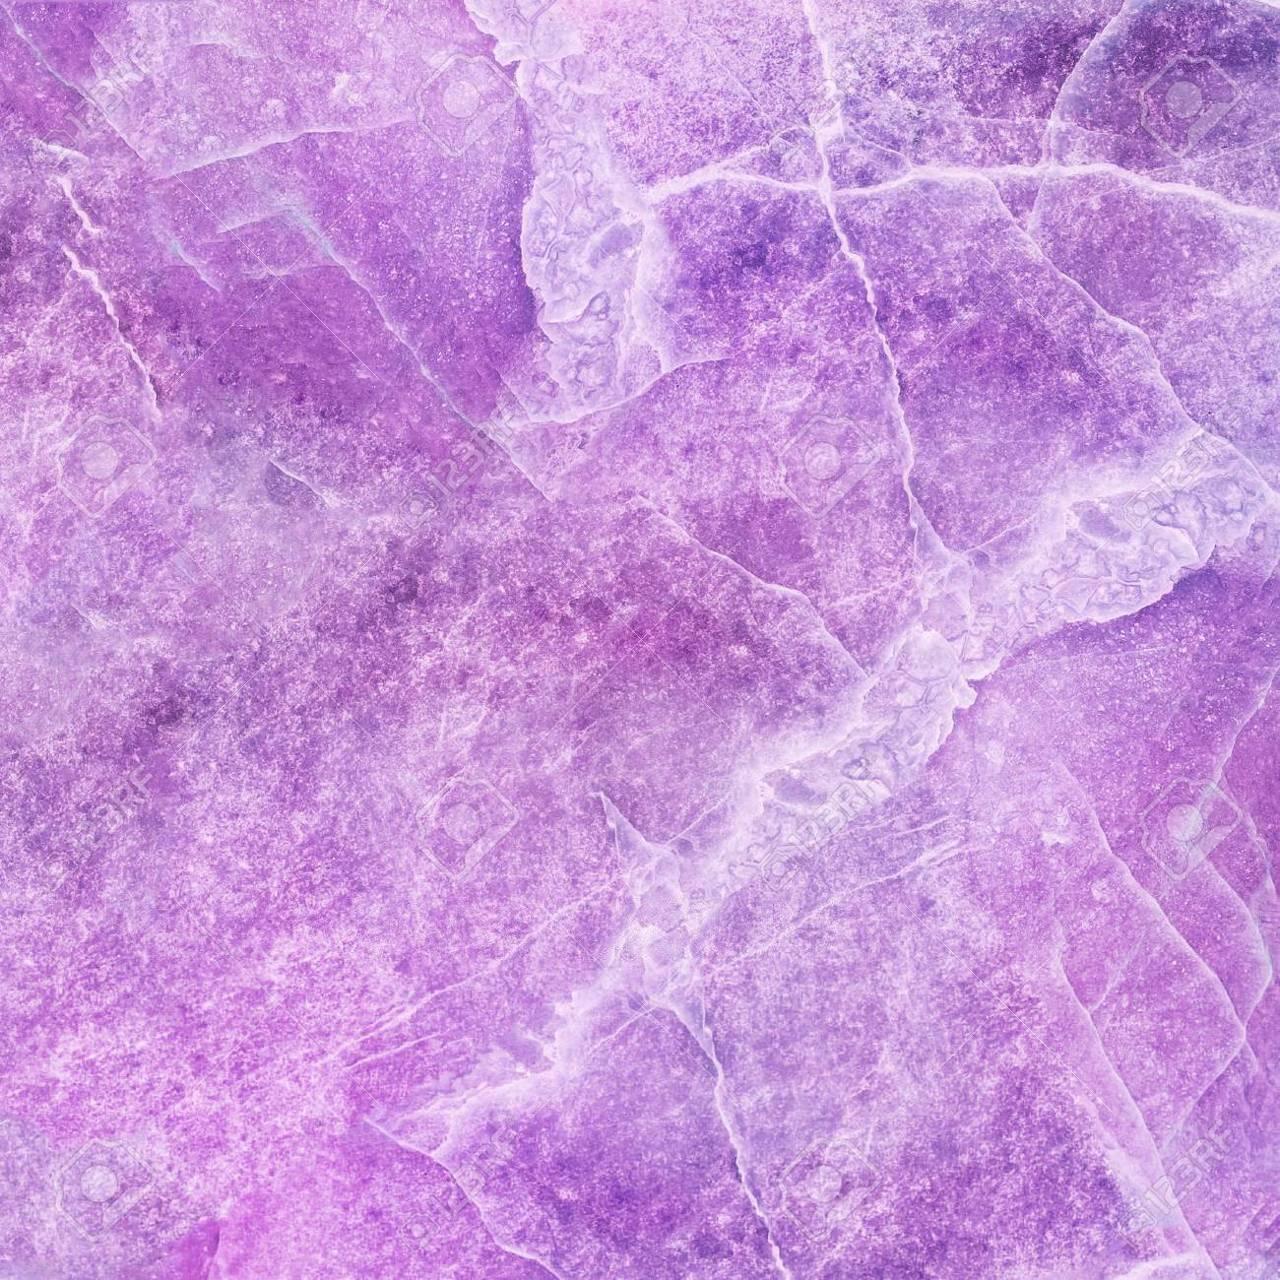 Purple Marble Wallpaper By T Regis 2b Free On Zedge